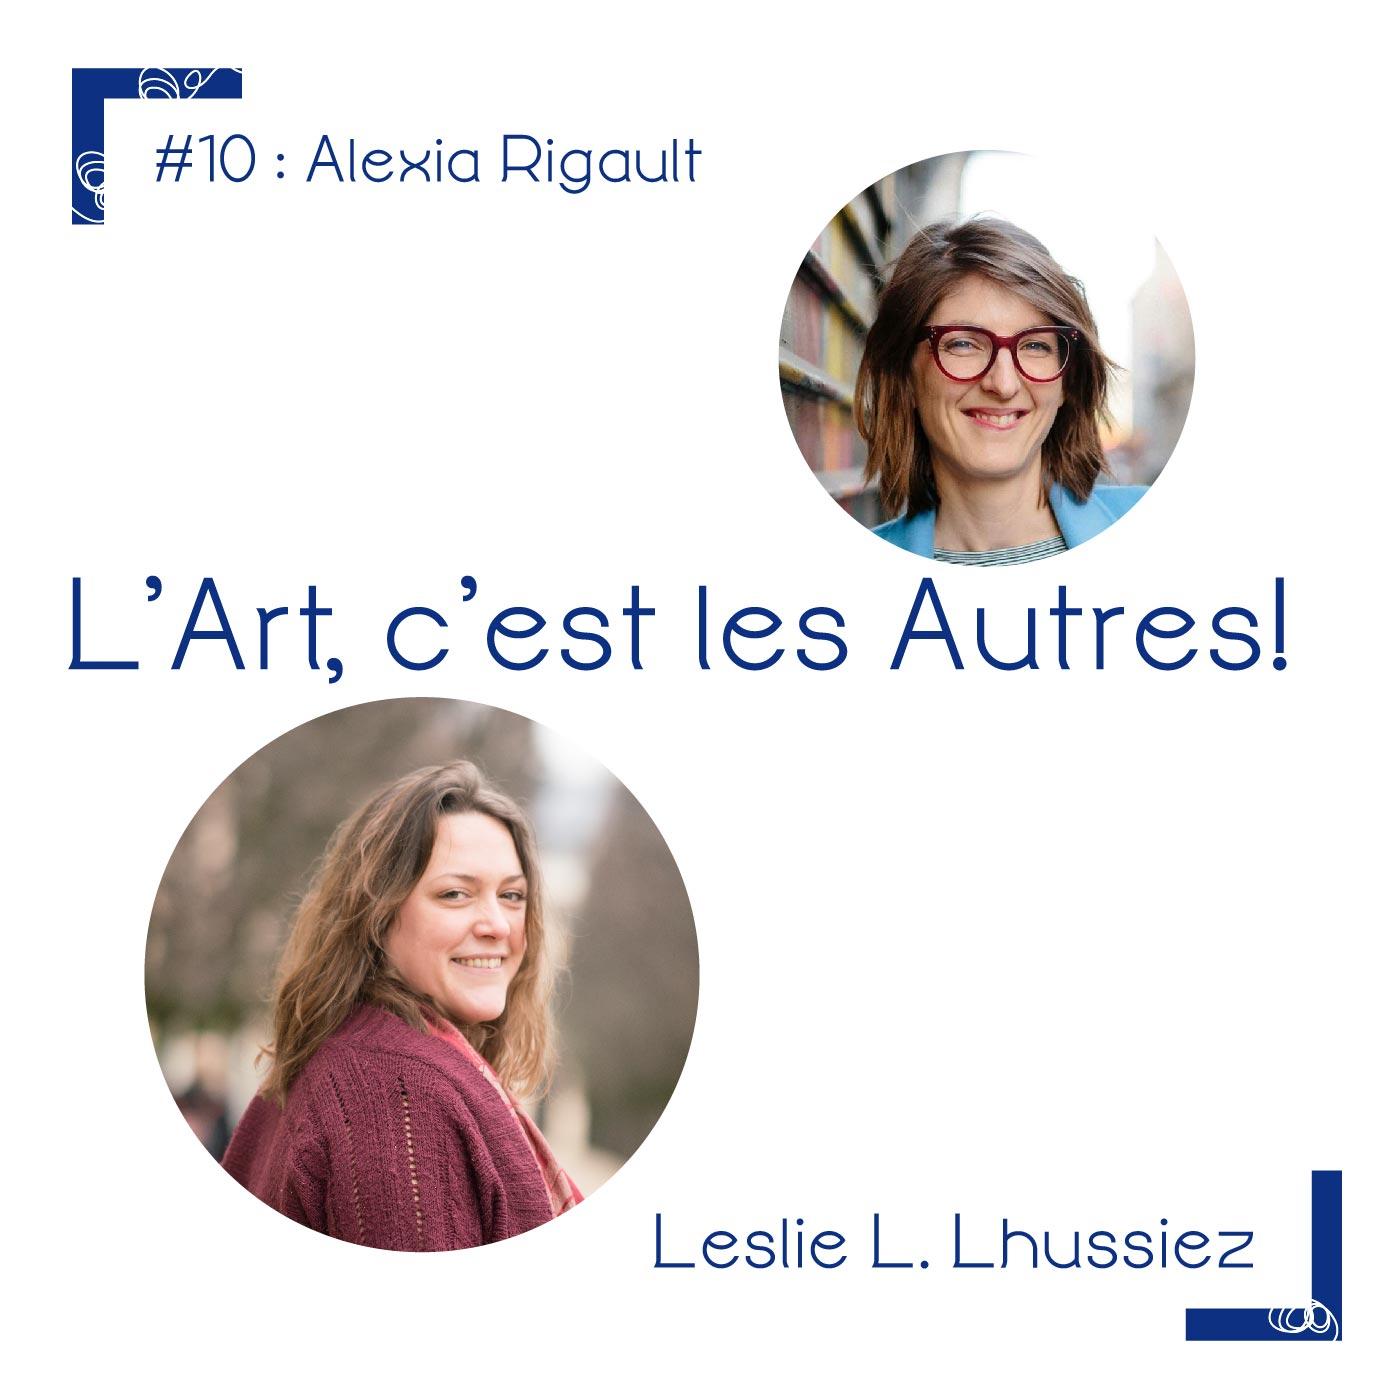 # 10 Alexia Rigault, fondatrice de MursBlancs, traque les œuvres d'arts pour des passionnés.